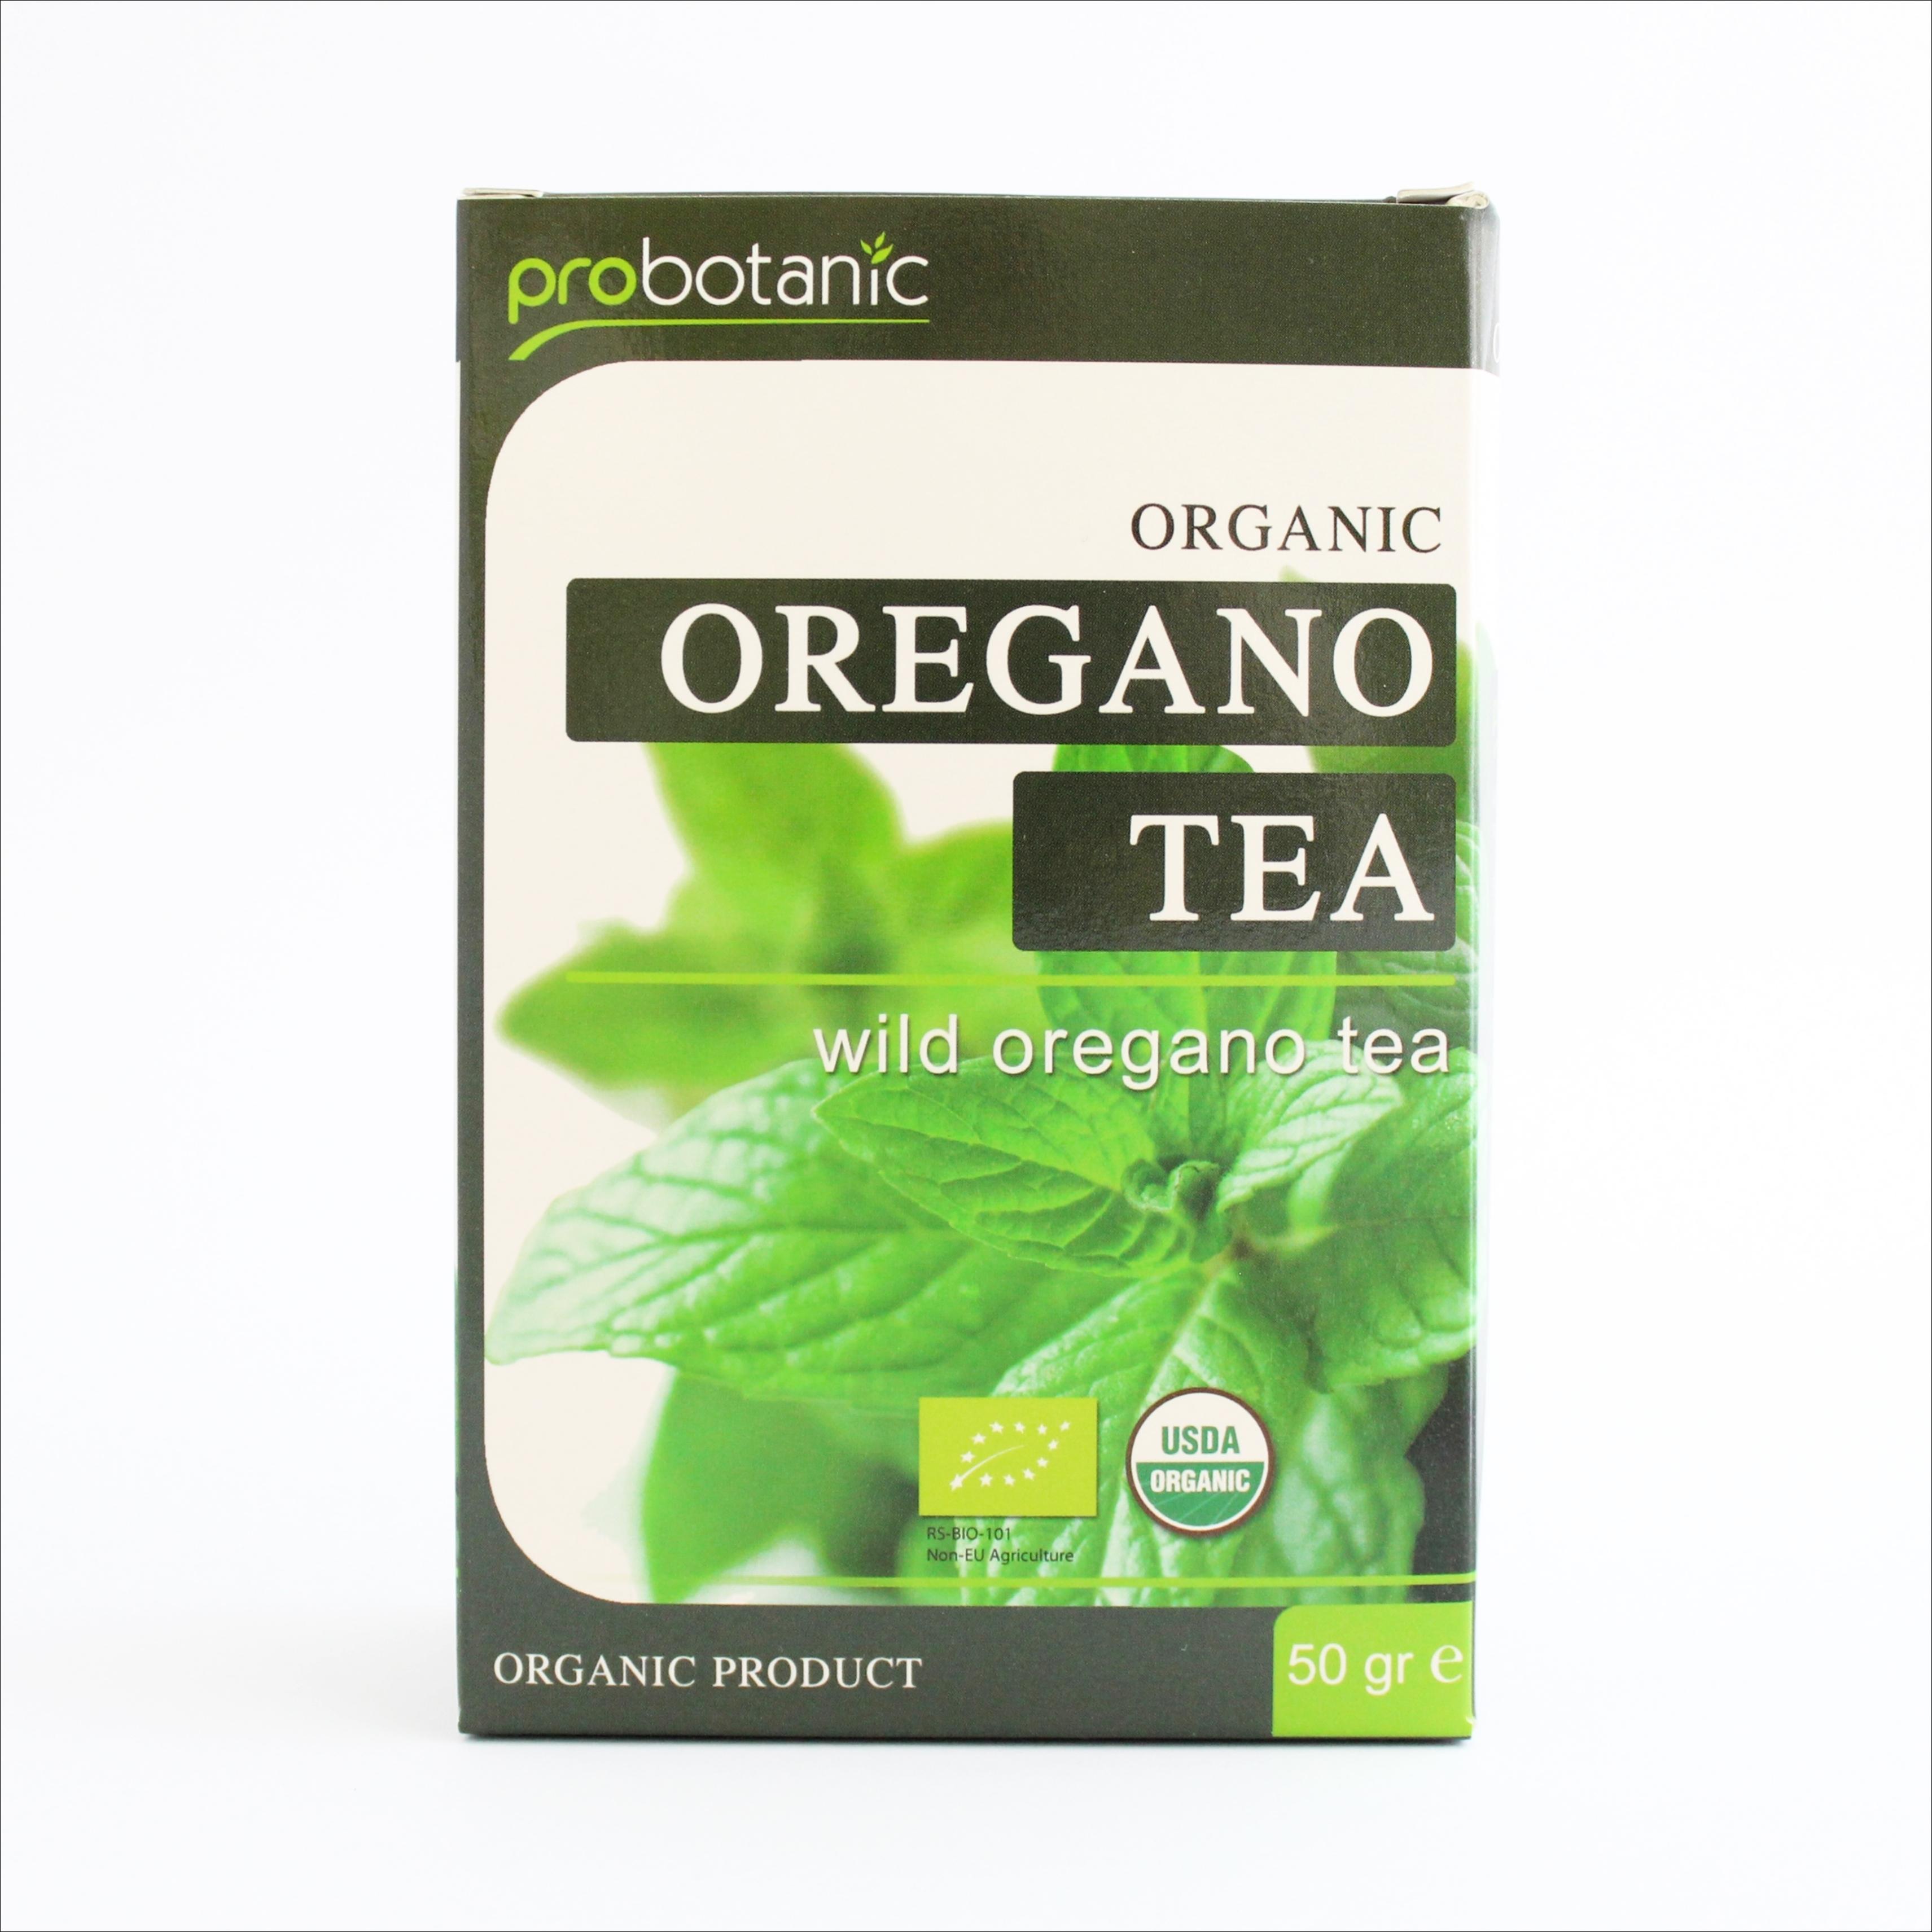 Probotanic Divlji origano čaj 50 g 00231